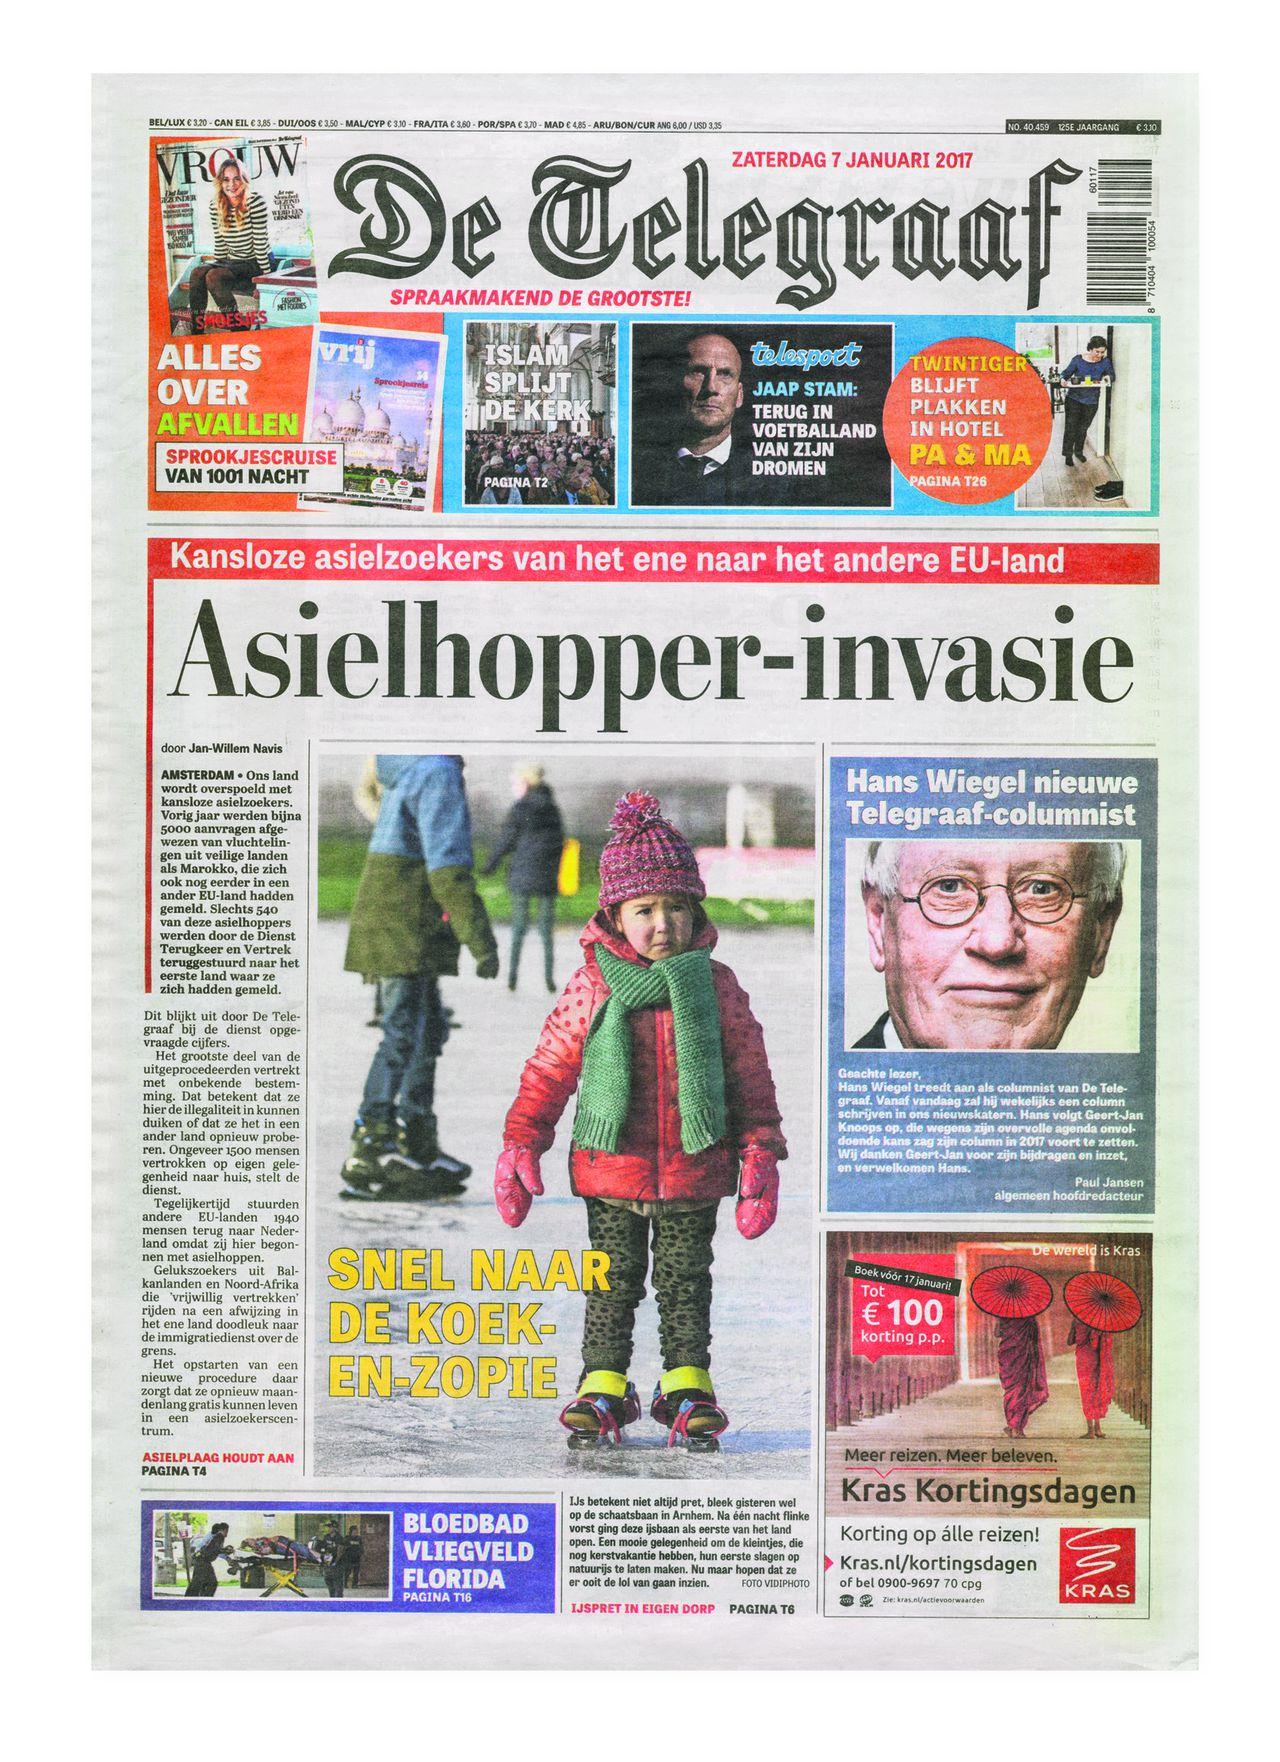 Voorpagina van De Telegraaf van zaterdag 7 januari 2017.